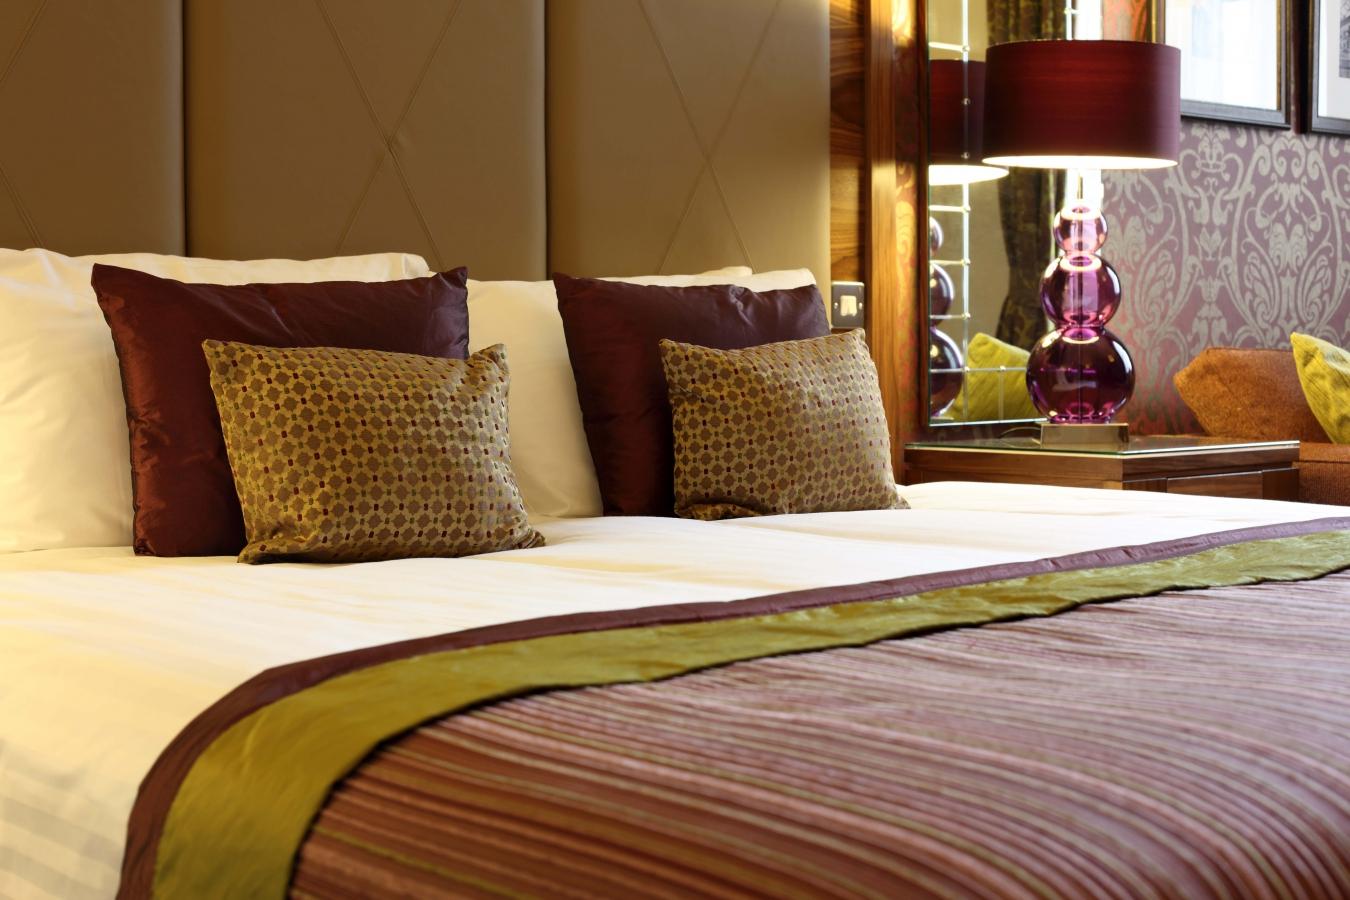 Кремовый, коричневый, бордовый и оливковый цвета в интерьере спальни